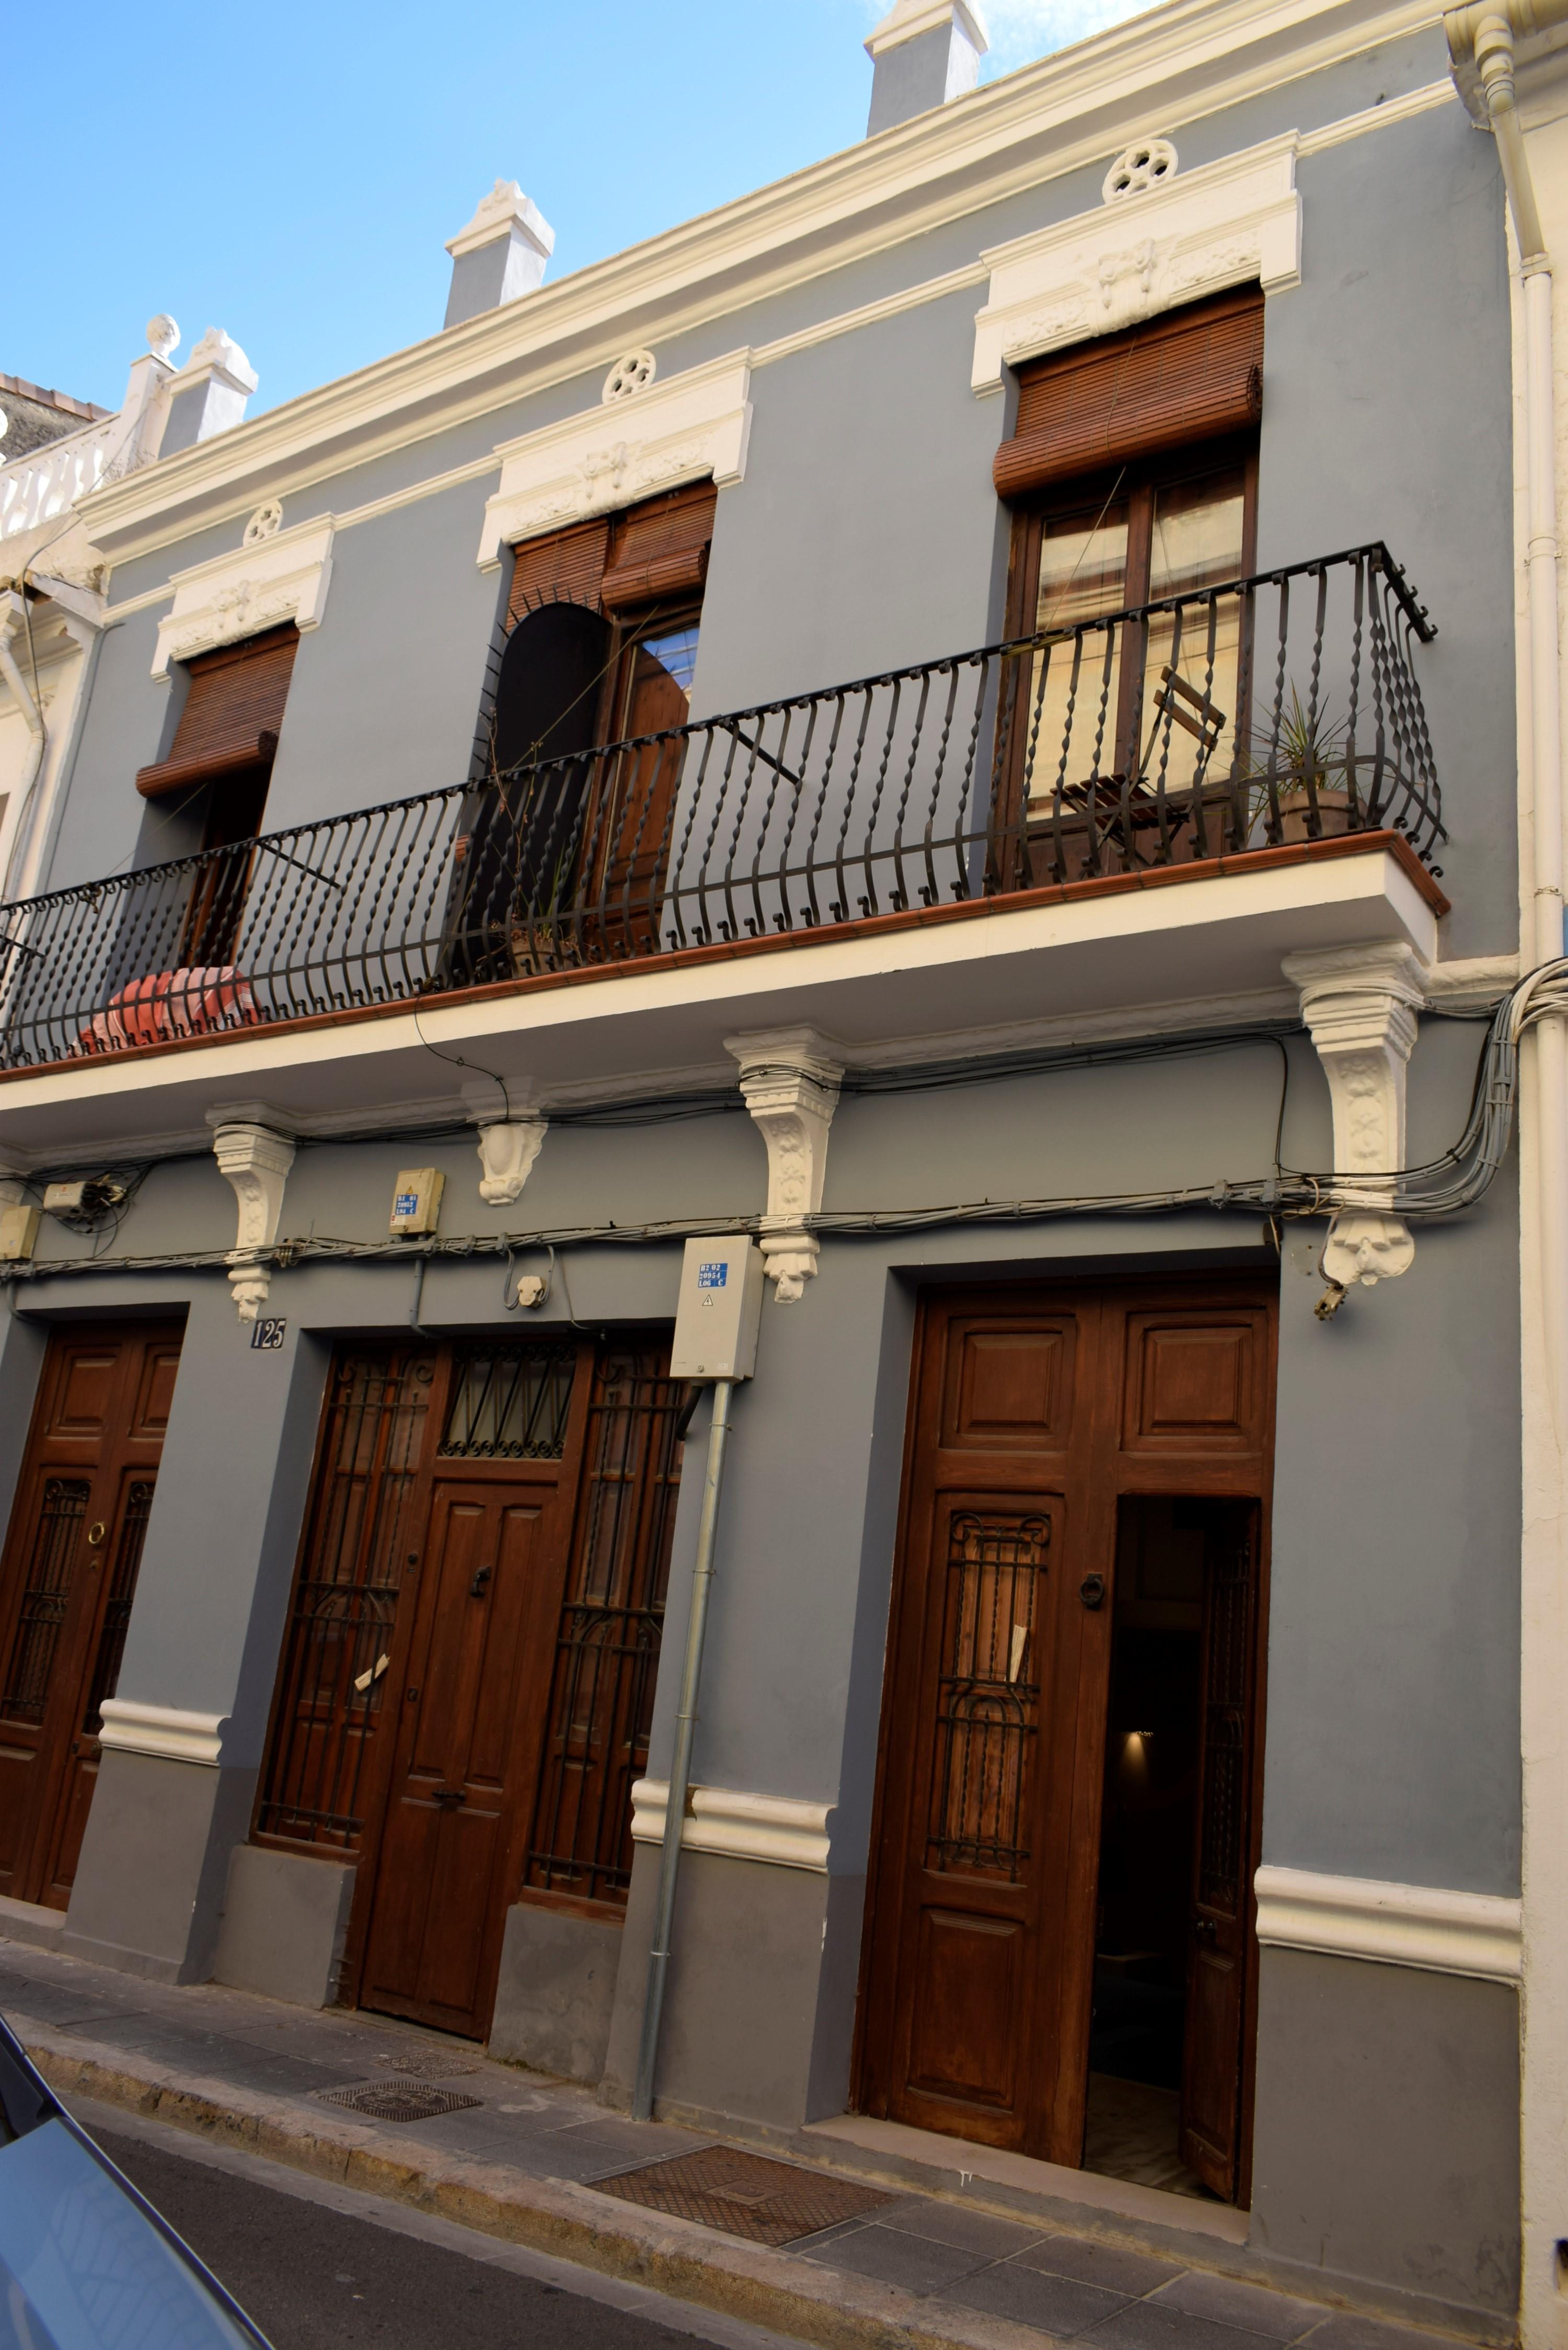 Piso  Calle calle escalante. Piso en el cabanyal-el canyamelar, valencia